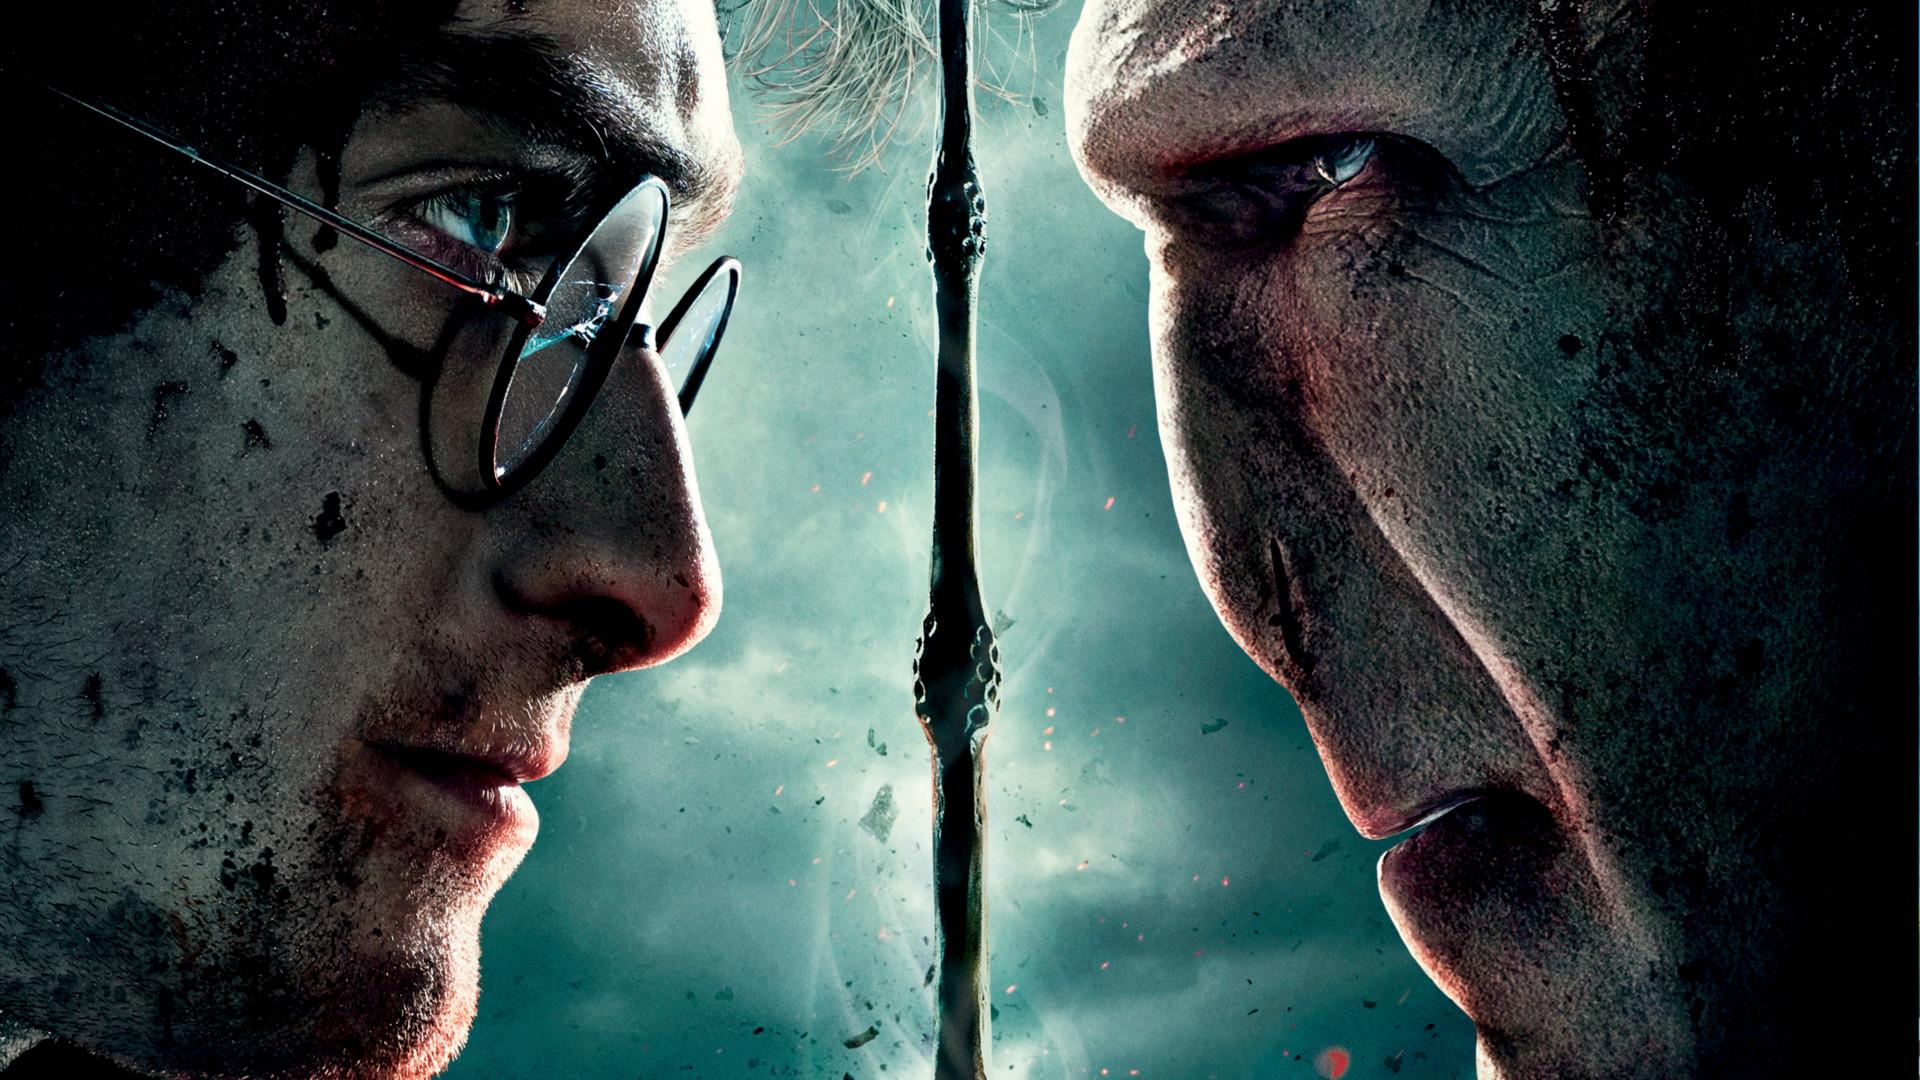 Harry Potter And The Deathly Hallows Wallpaper Hd Fondos De Harry Potter Y Las Reliquias De La Muerte